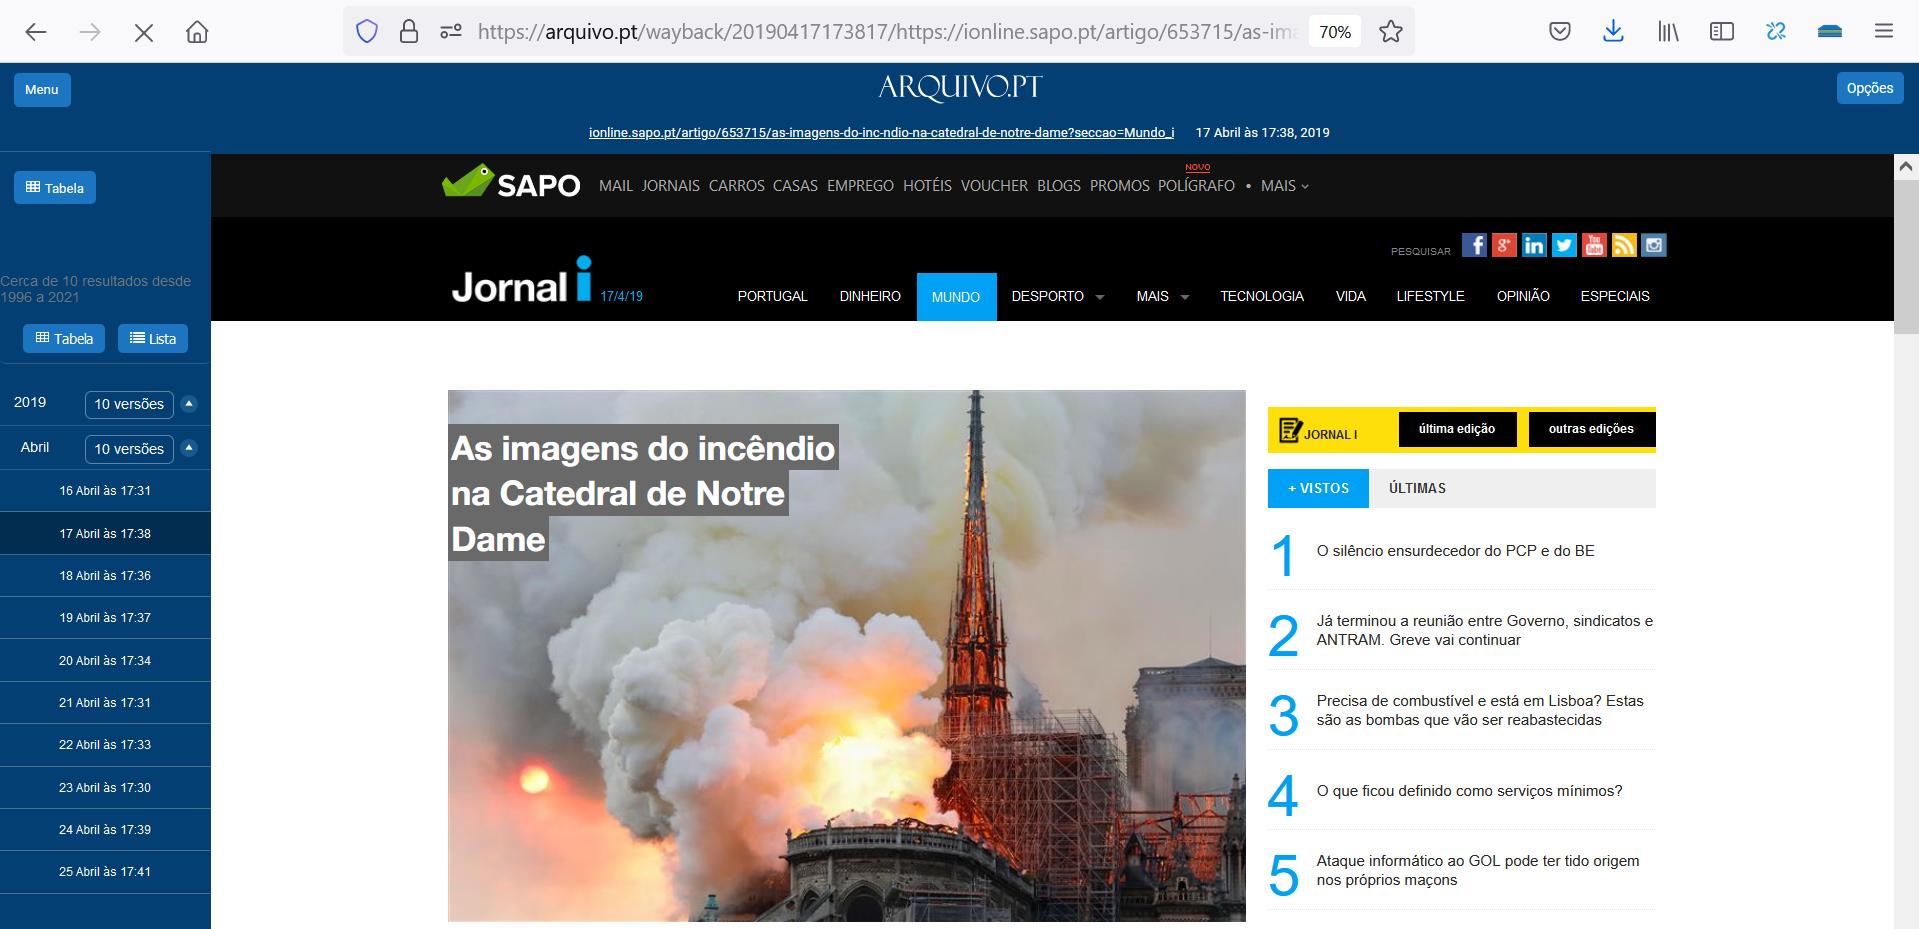 As imagens do incêndio na Catedral de Notre Dame, printscreen de página do Jornal I, 17-04-29, preservada pelo Arquivo.pt